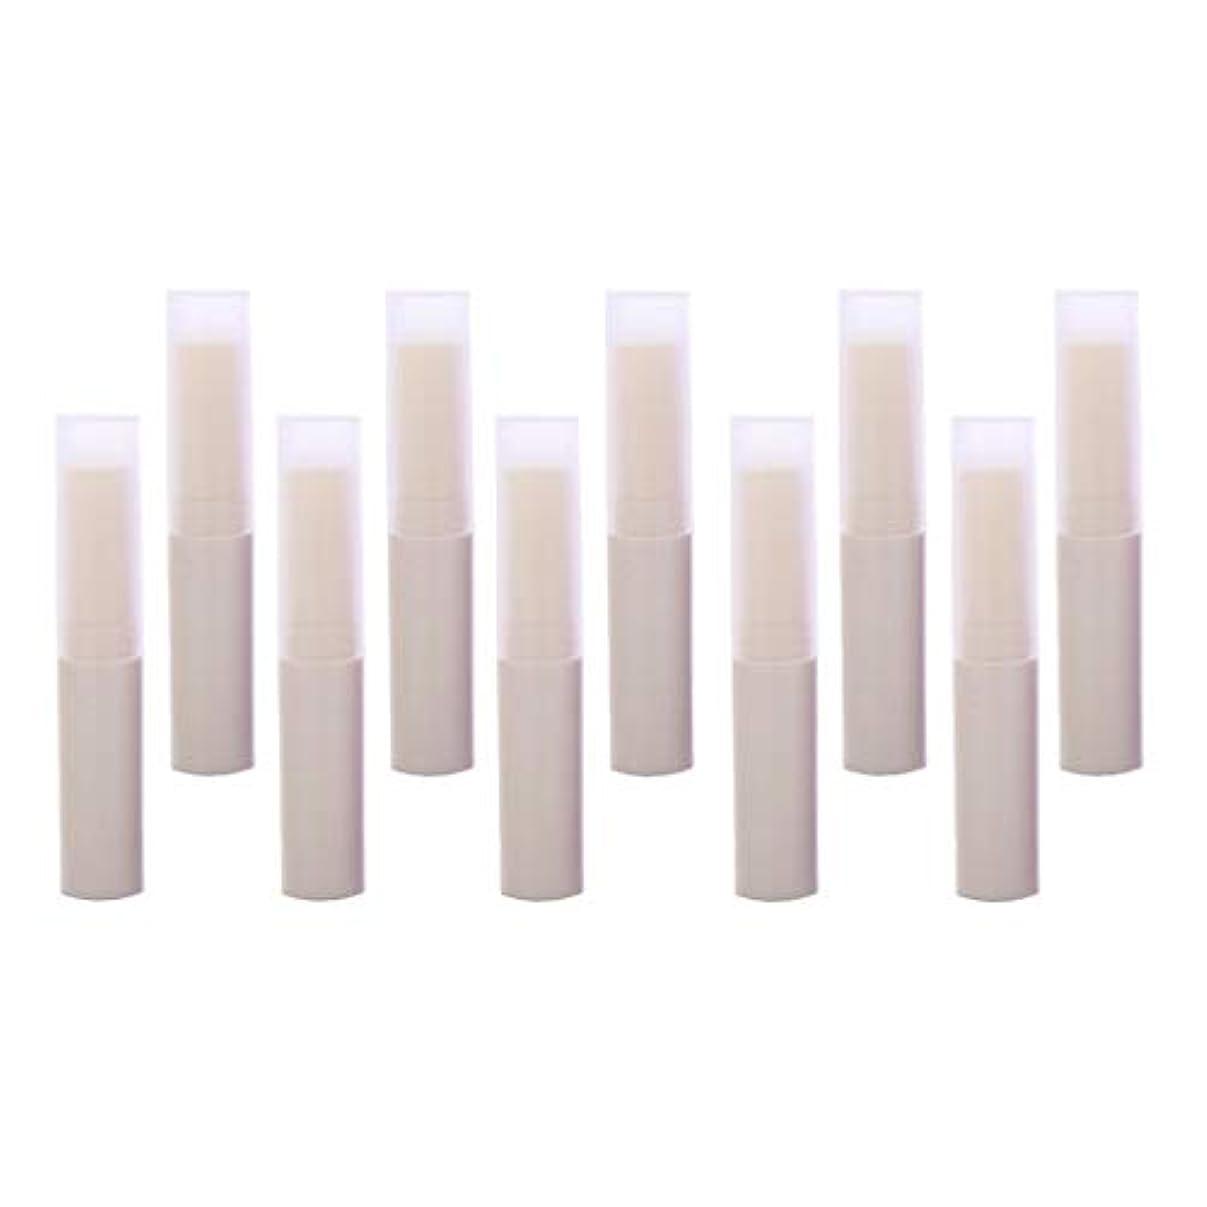 ルーチン放つ確認してくださいToygogo リップスティック リップクリーム容器 DIY 化粧道具 詰替え容器 10個 全7色 - ベージュ